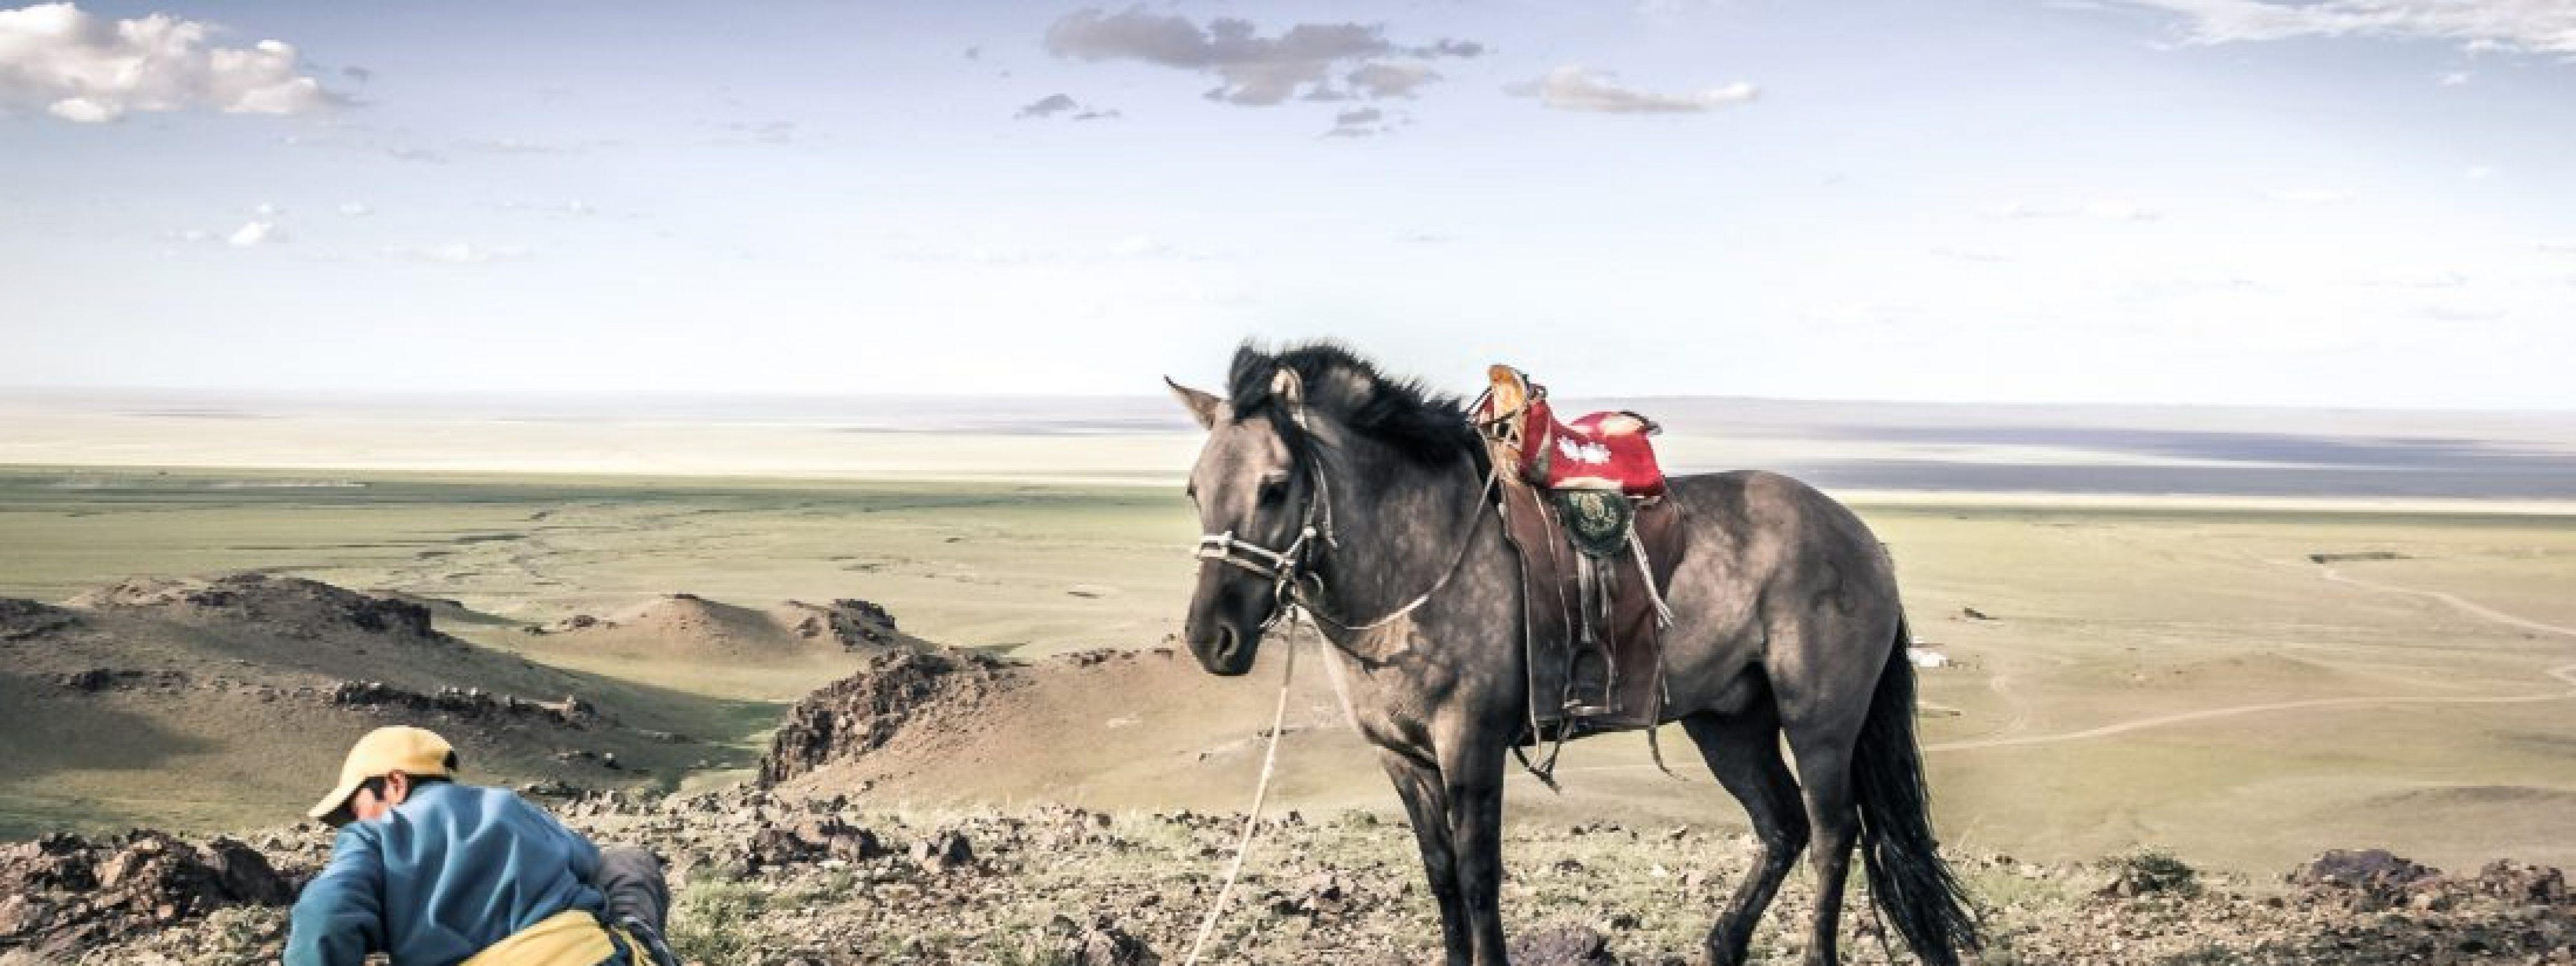 Voyage vers le désert de Gobi: les extraordinaires paysages mongols